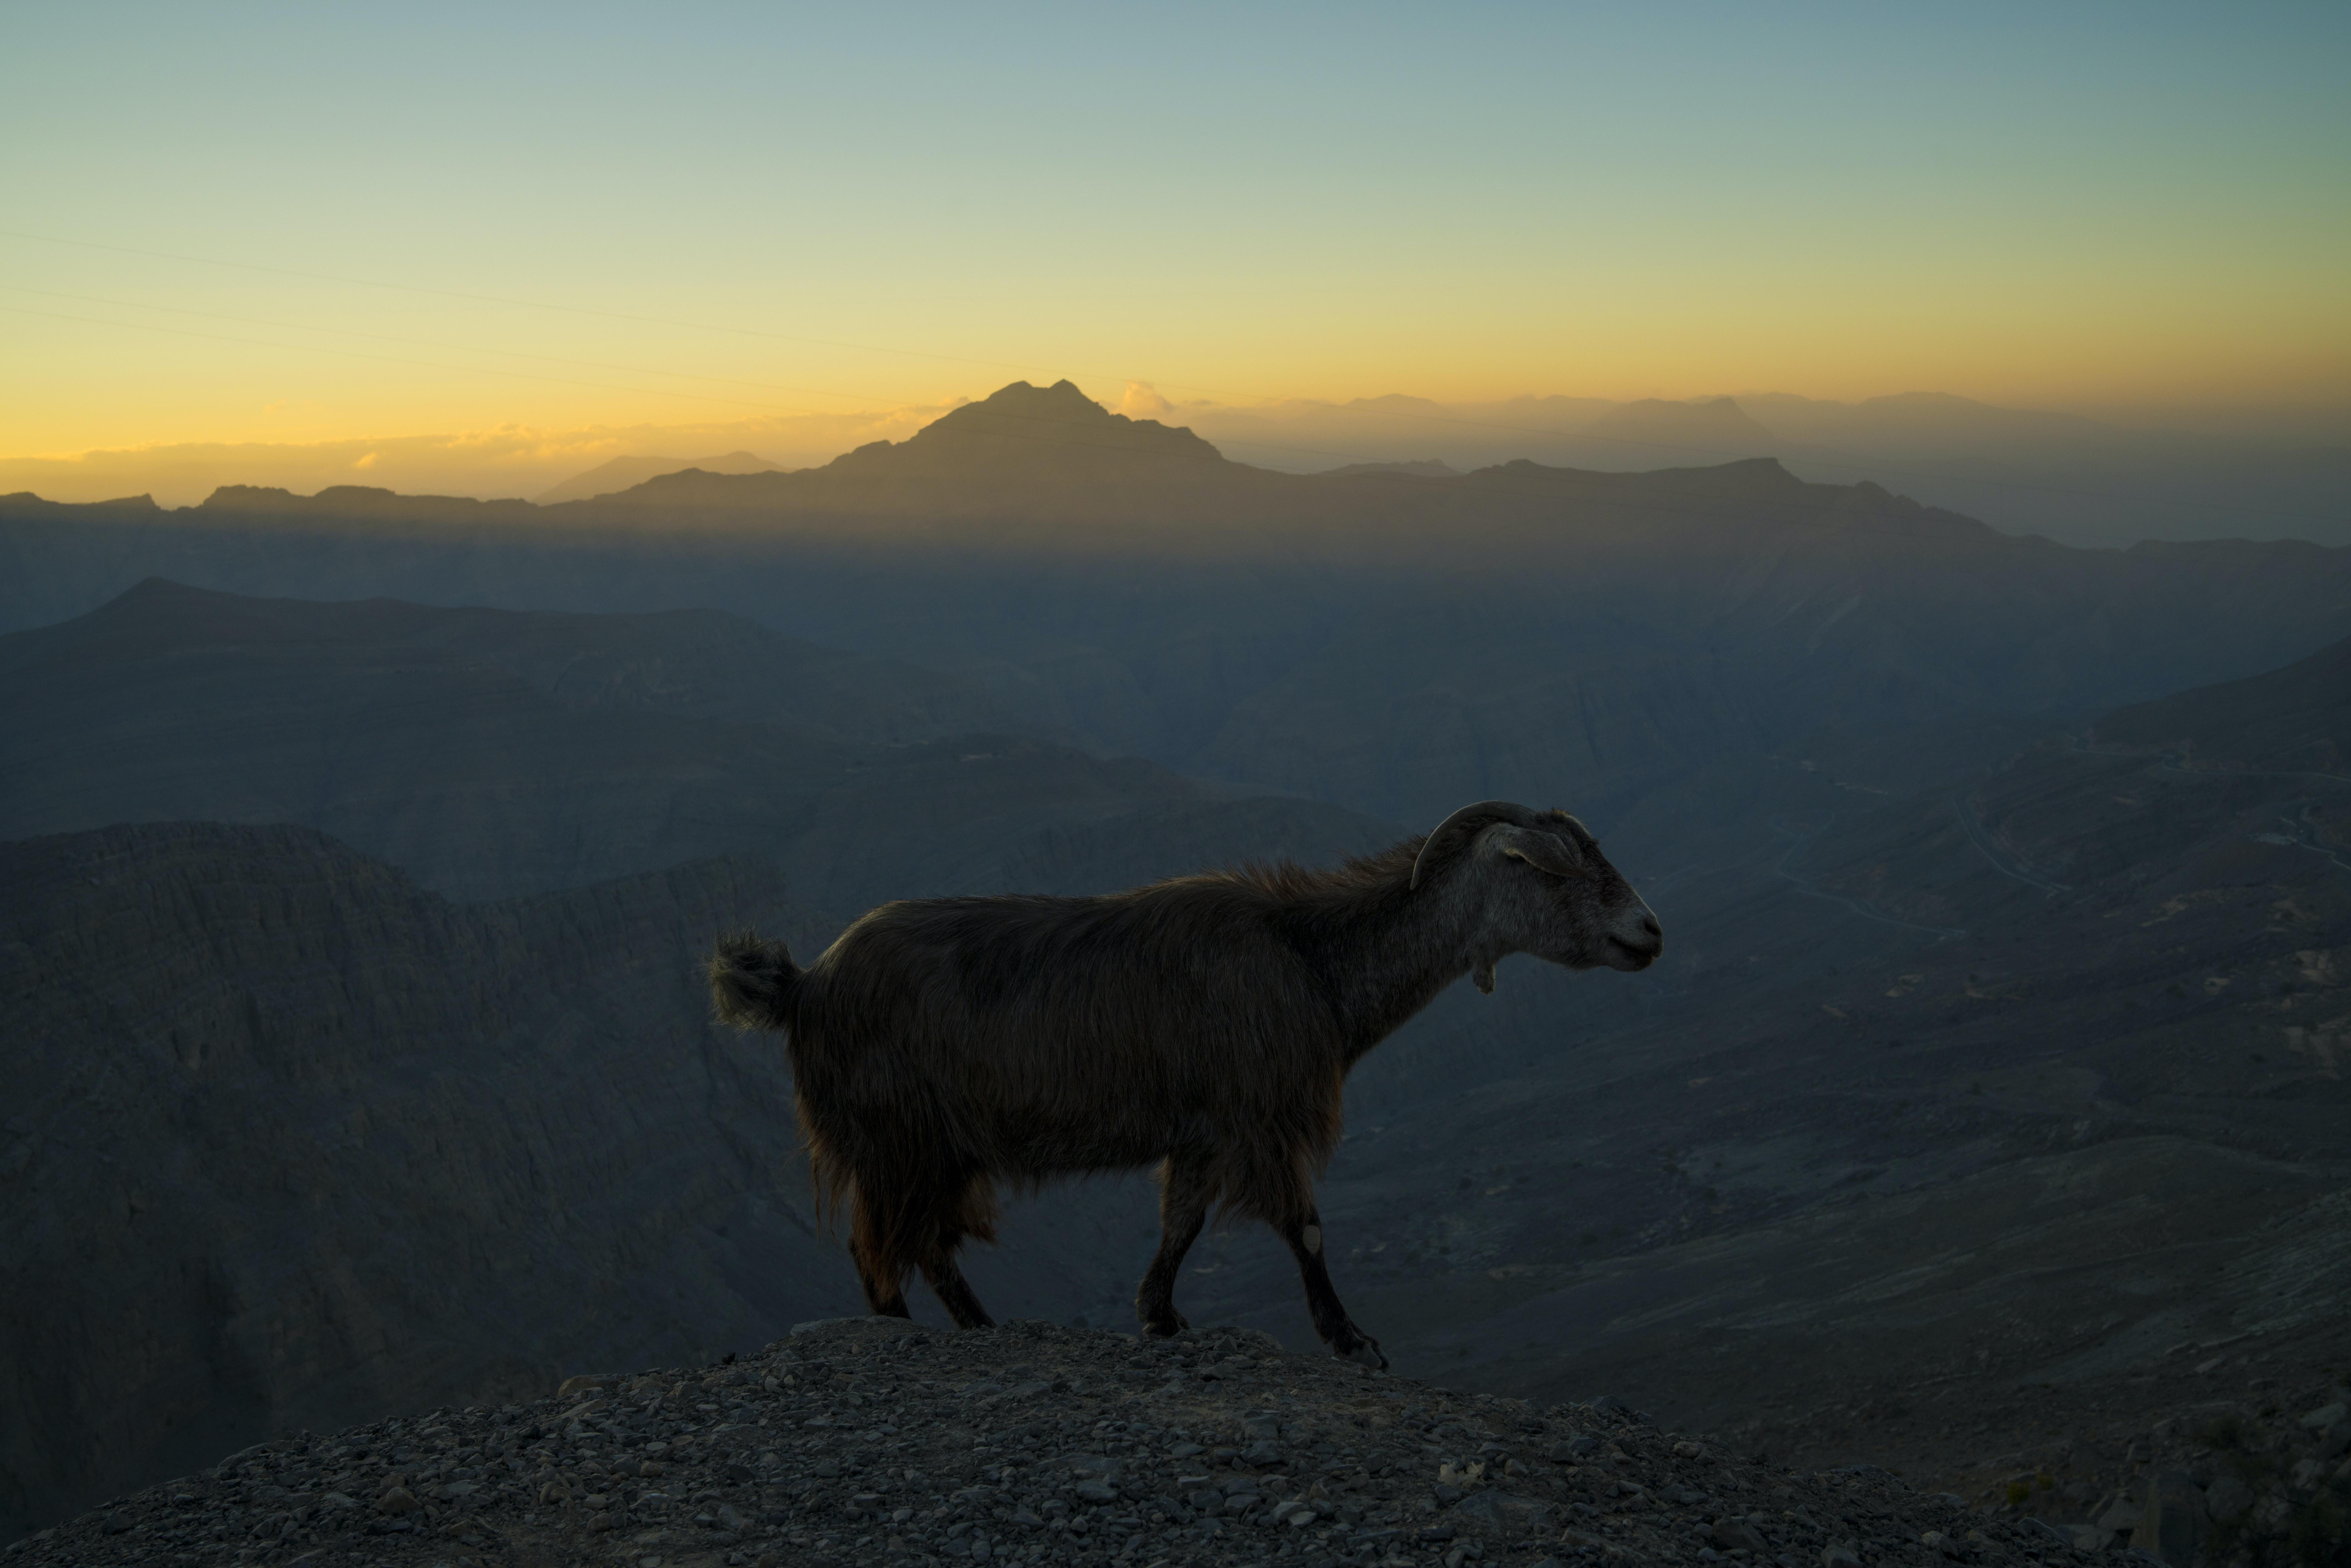 goat on mountain